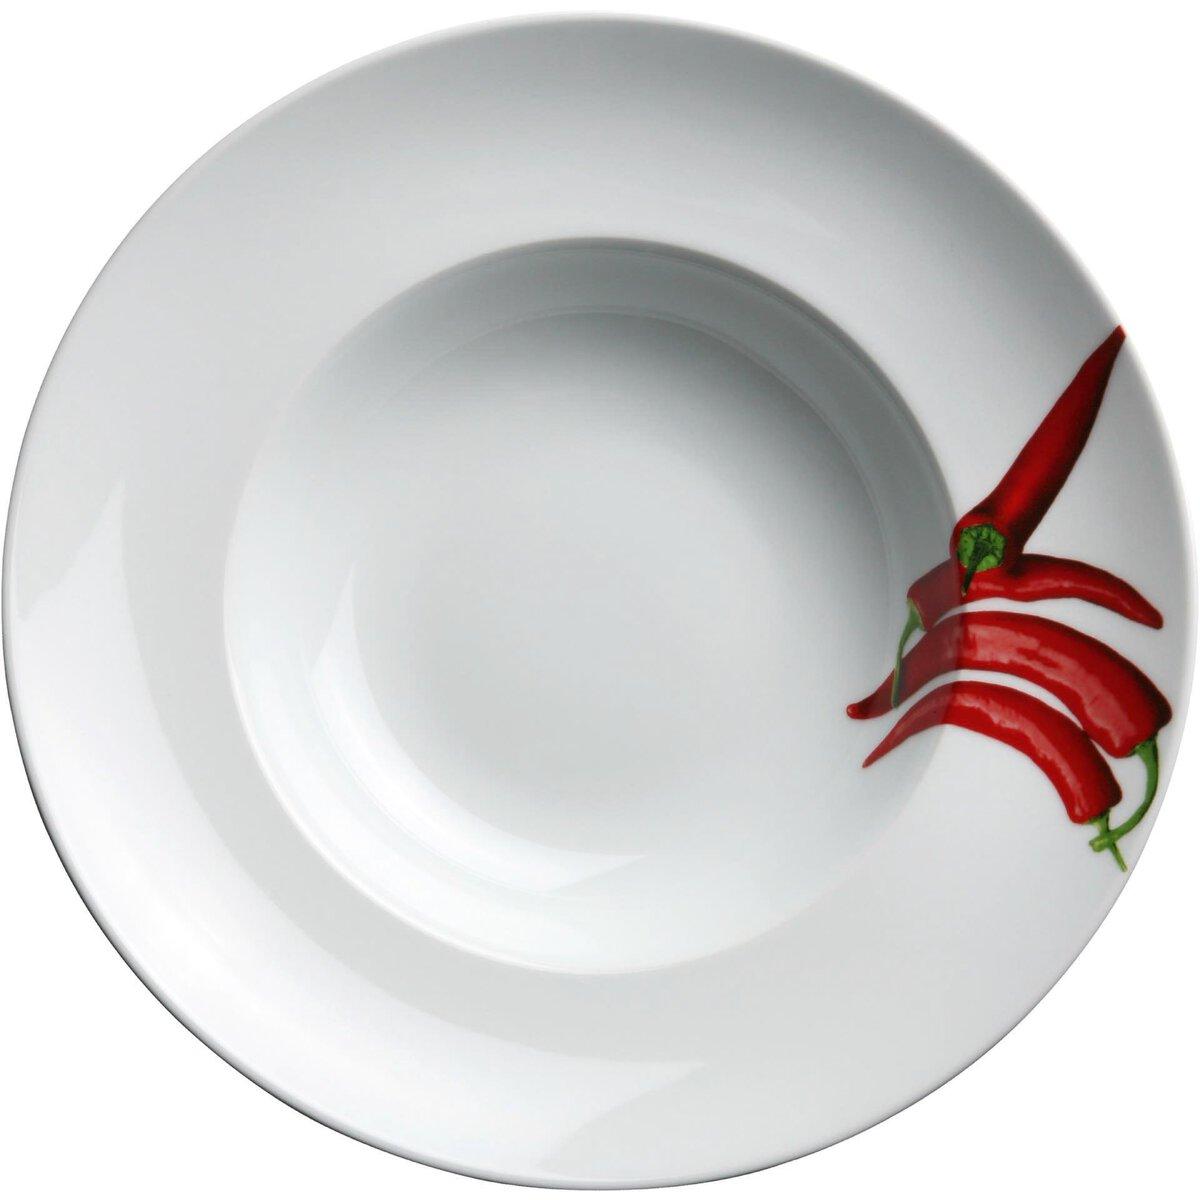 """Pastateller """"Basilikum"""" Ø 30,0 cm, rund (4)"""